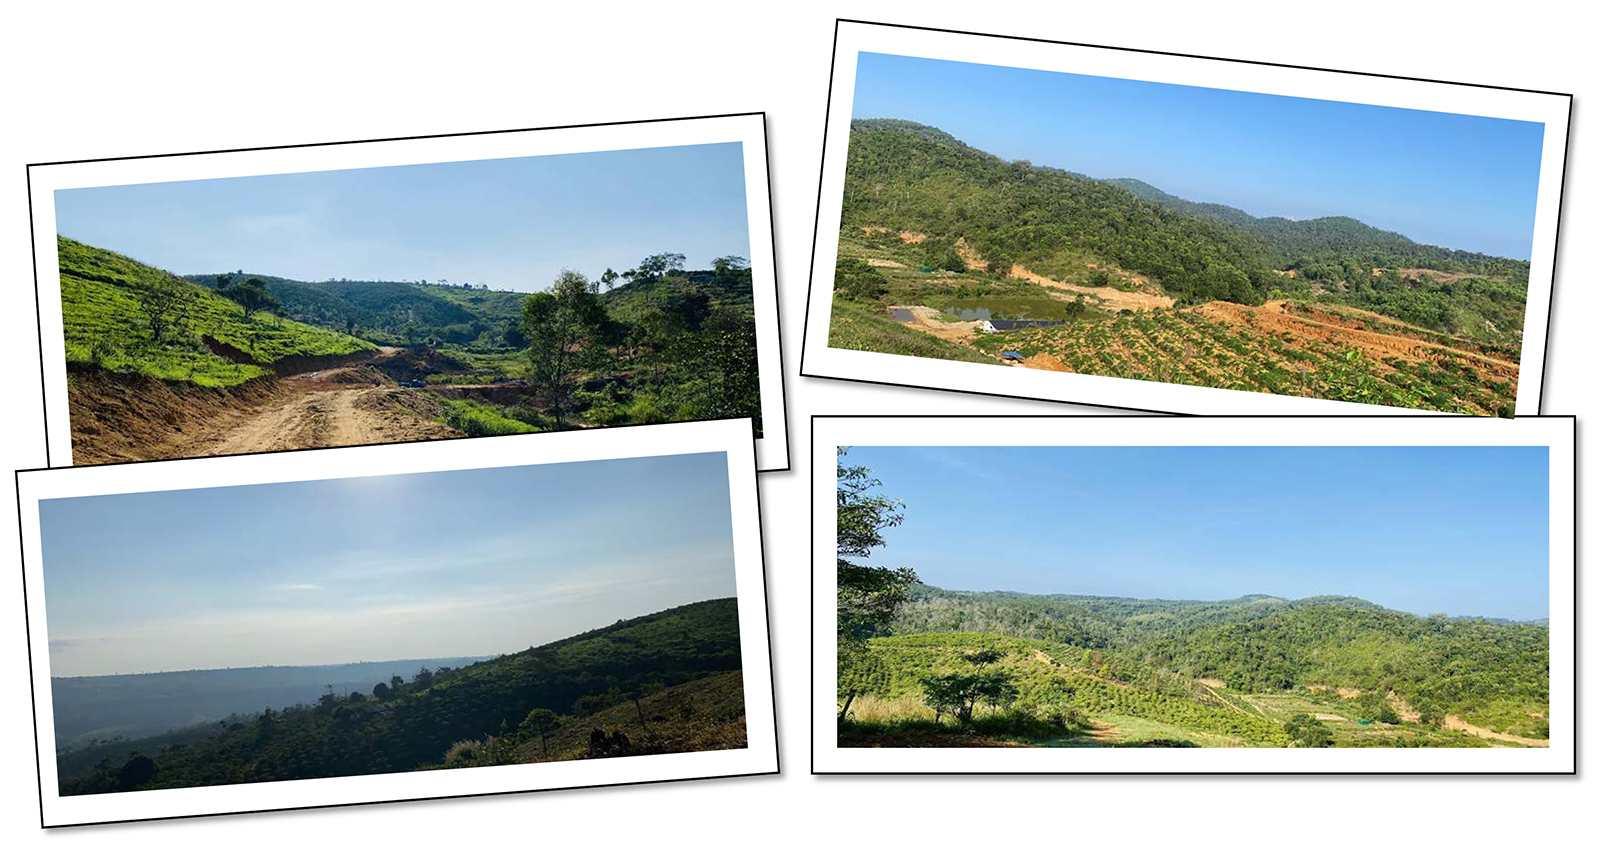 Bất động sản Lâm Đồng - Dự án Lộc Tân Farm 38 - Hình ảnh thực tế